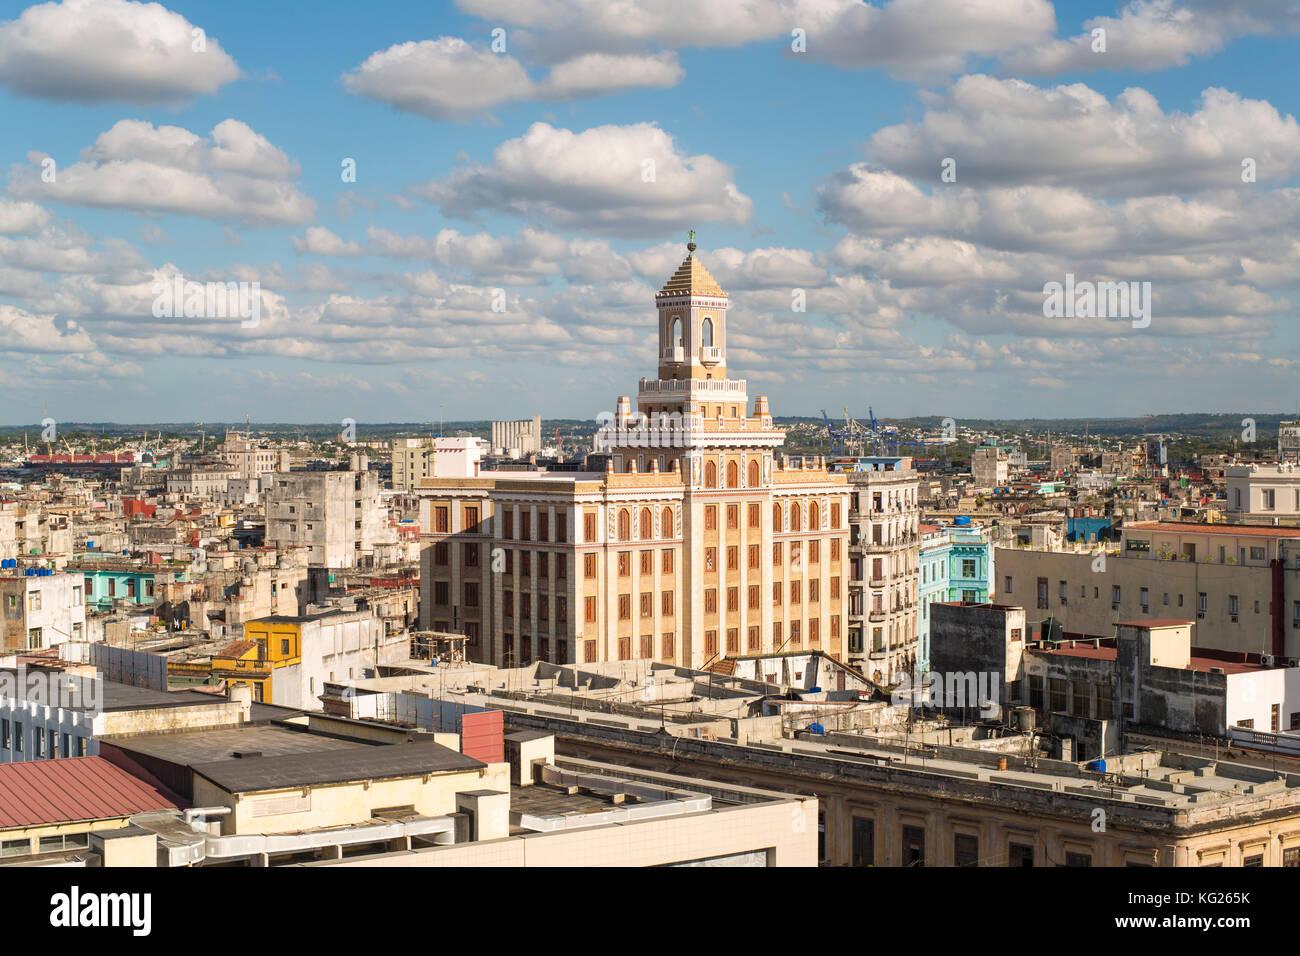 La arquitectura de una elevada opinión cerca del malecón, La Habana, Cuba, las Antillas, América Imagen De Stock